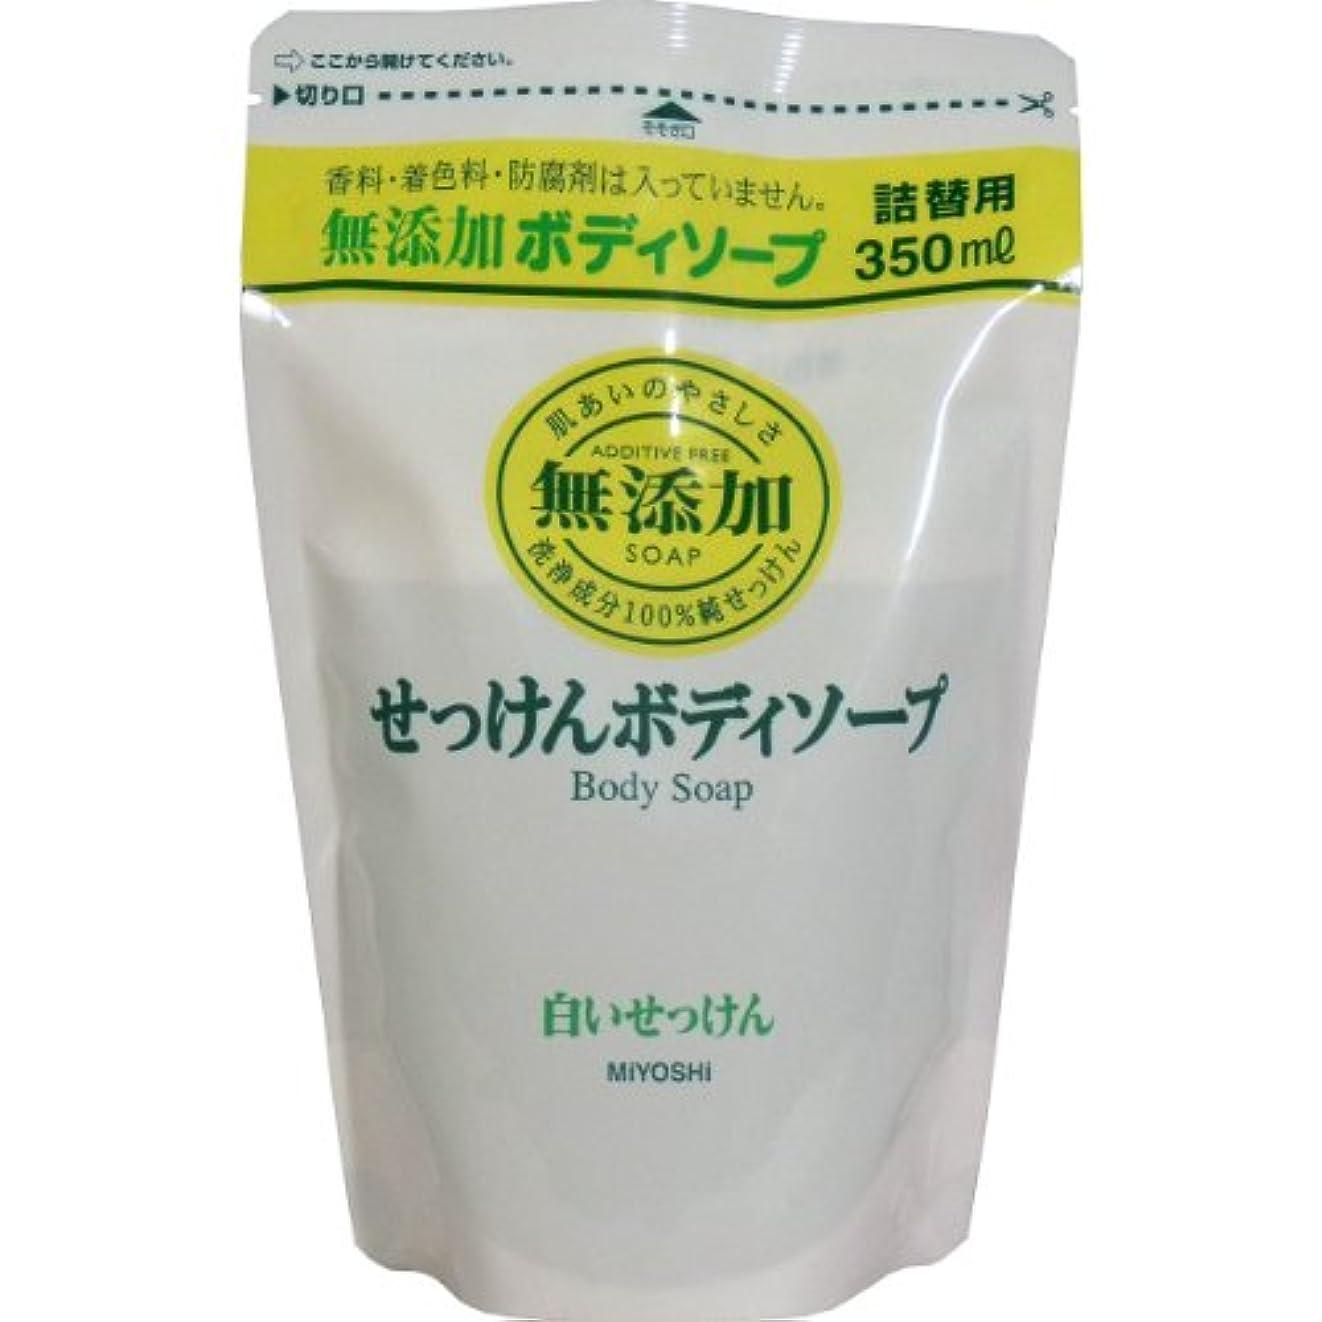 甘美な調和教え無添加 ボディソープ 白い石けん つめかえ用 350ml(無添加石鹸) 7セット